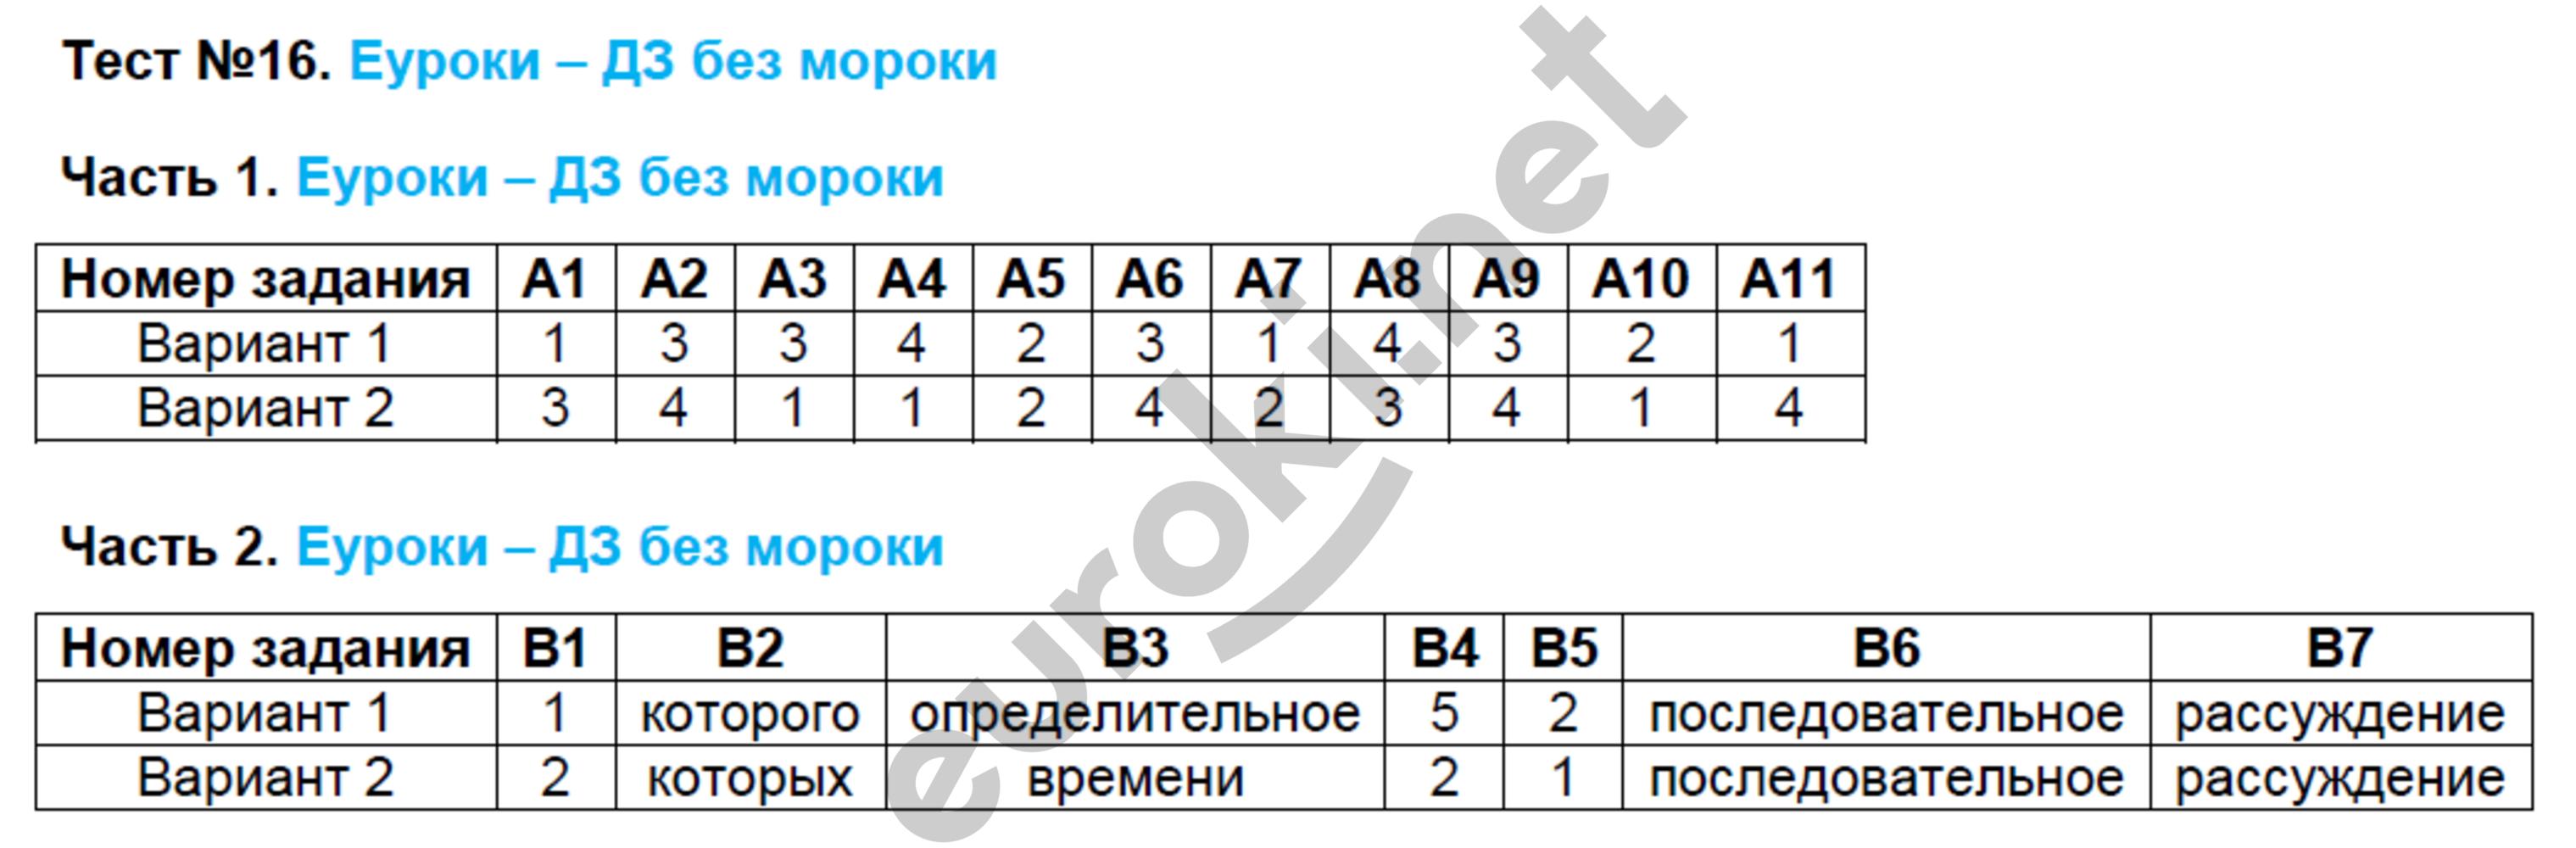 ГДЗ по русскому языку 9 класс контрольно-измерительные материалы Егорова. Задание: Тест 16